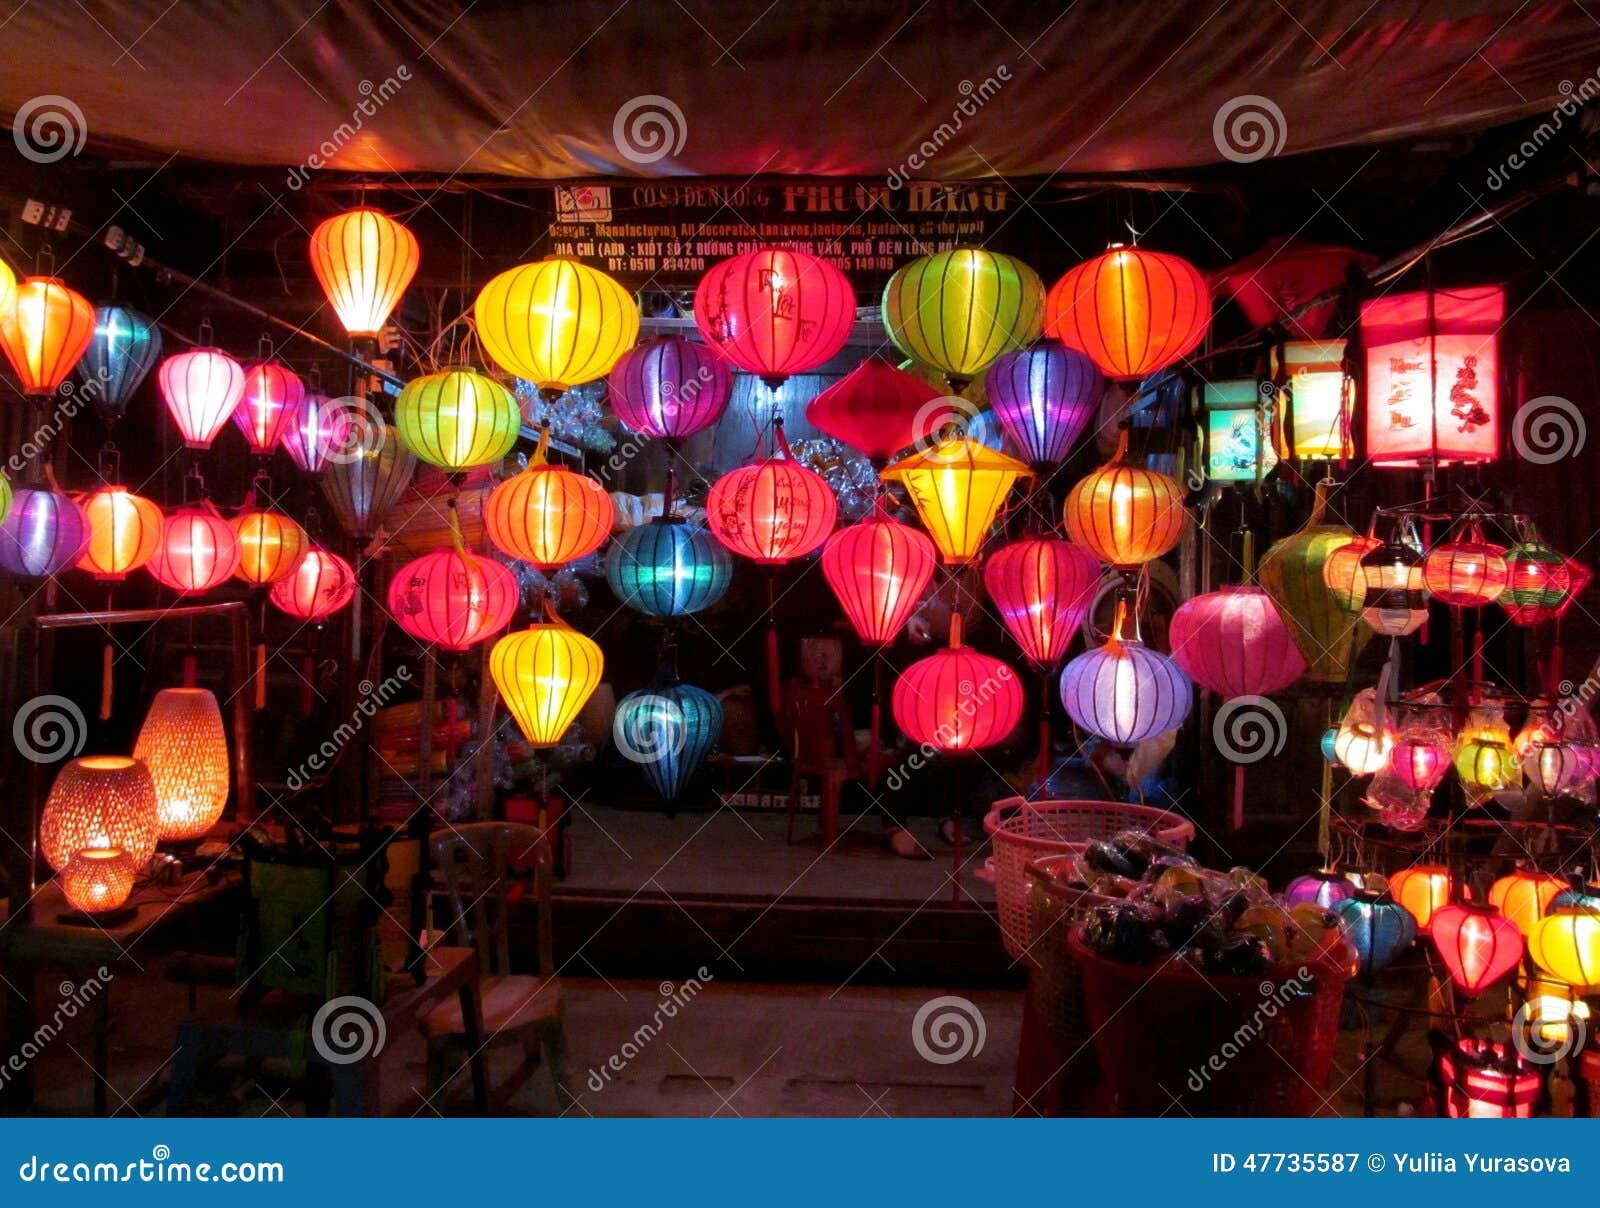 Linternas culorful asi ticas tradicionales en el mercado del chino de la noche fotograf a - Lamparas asiaticas ...